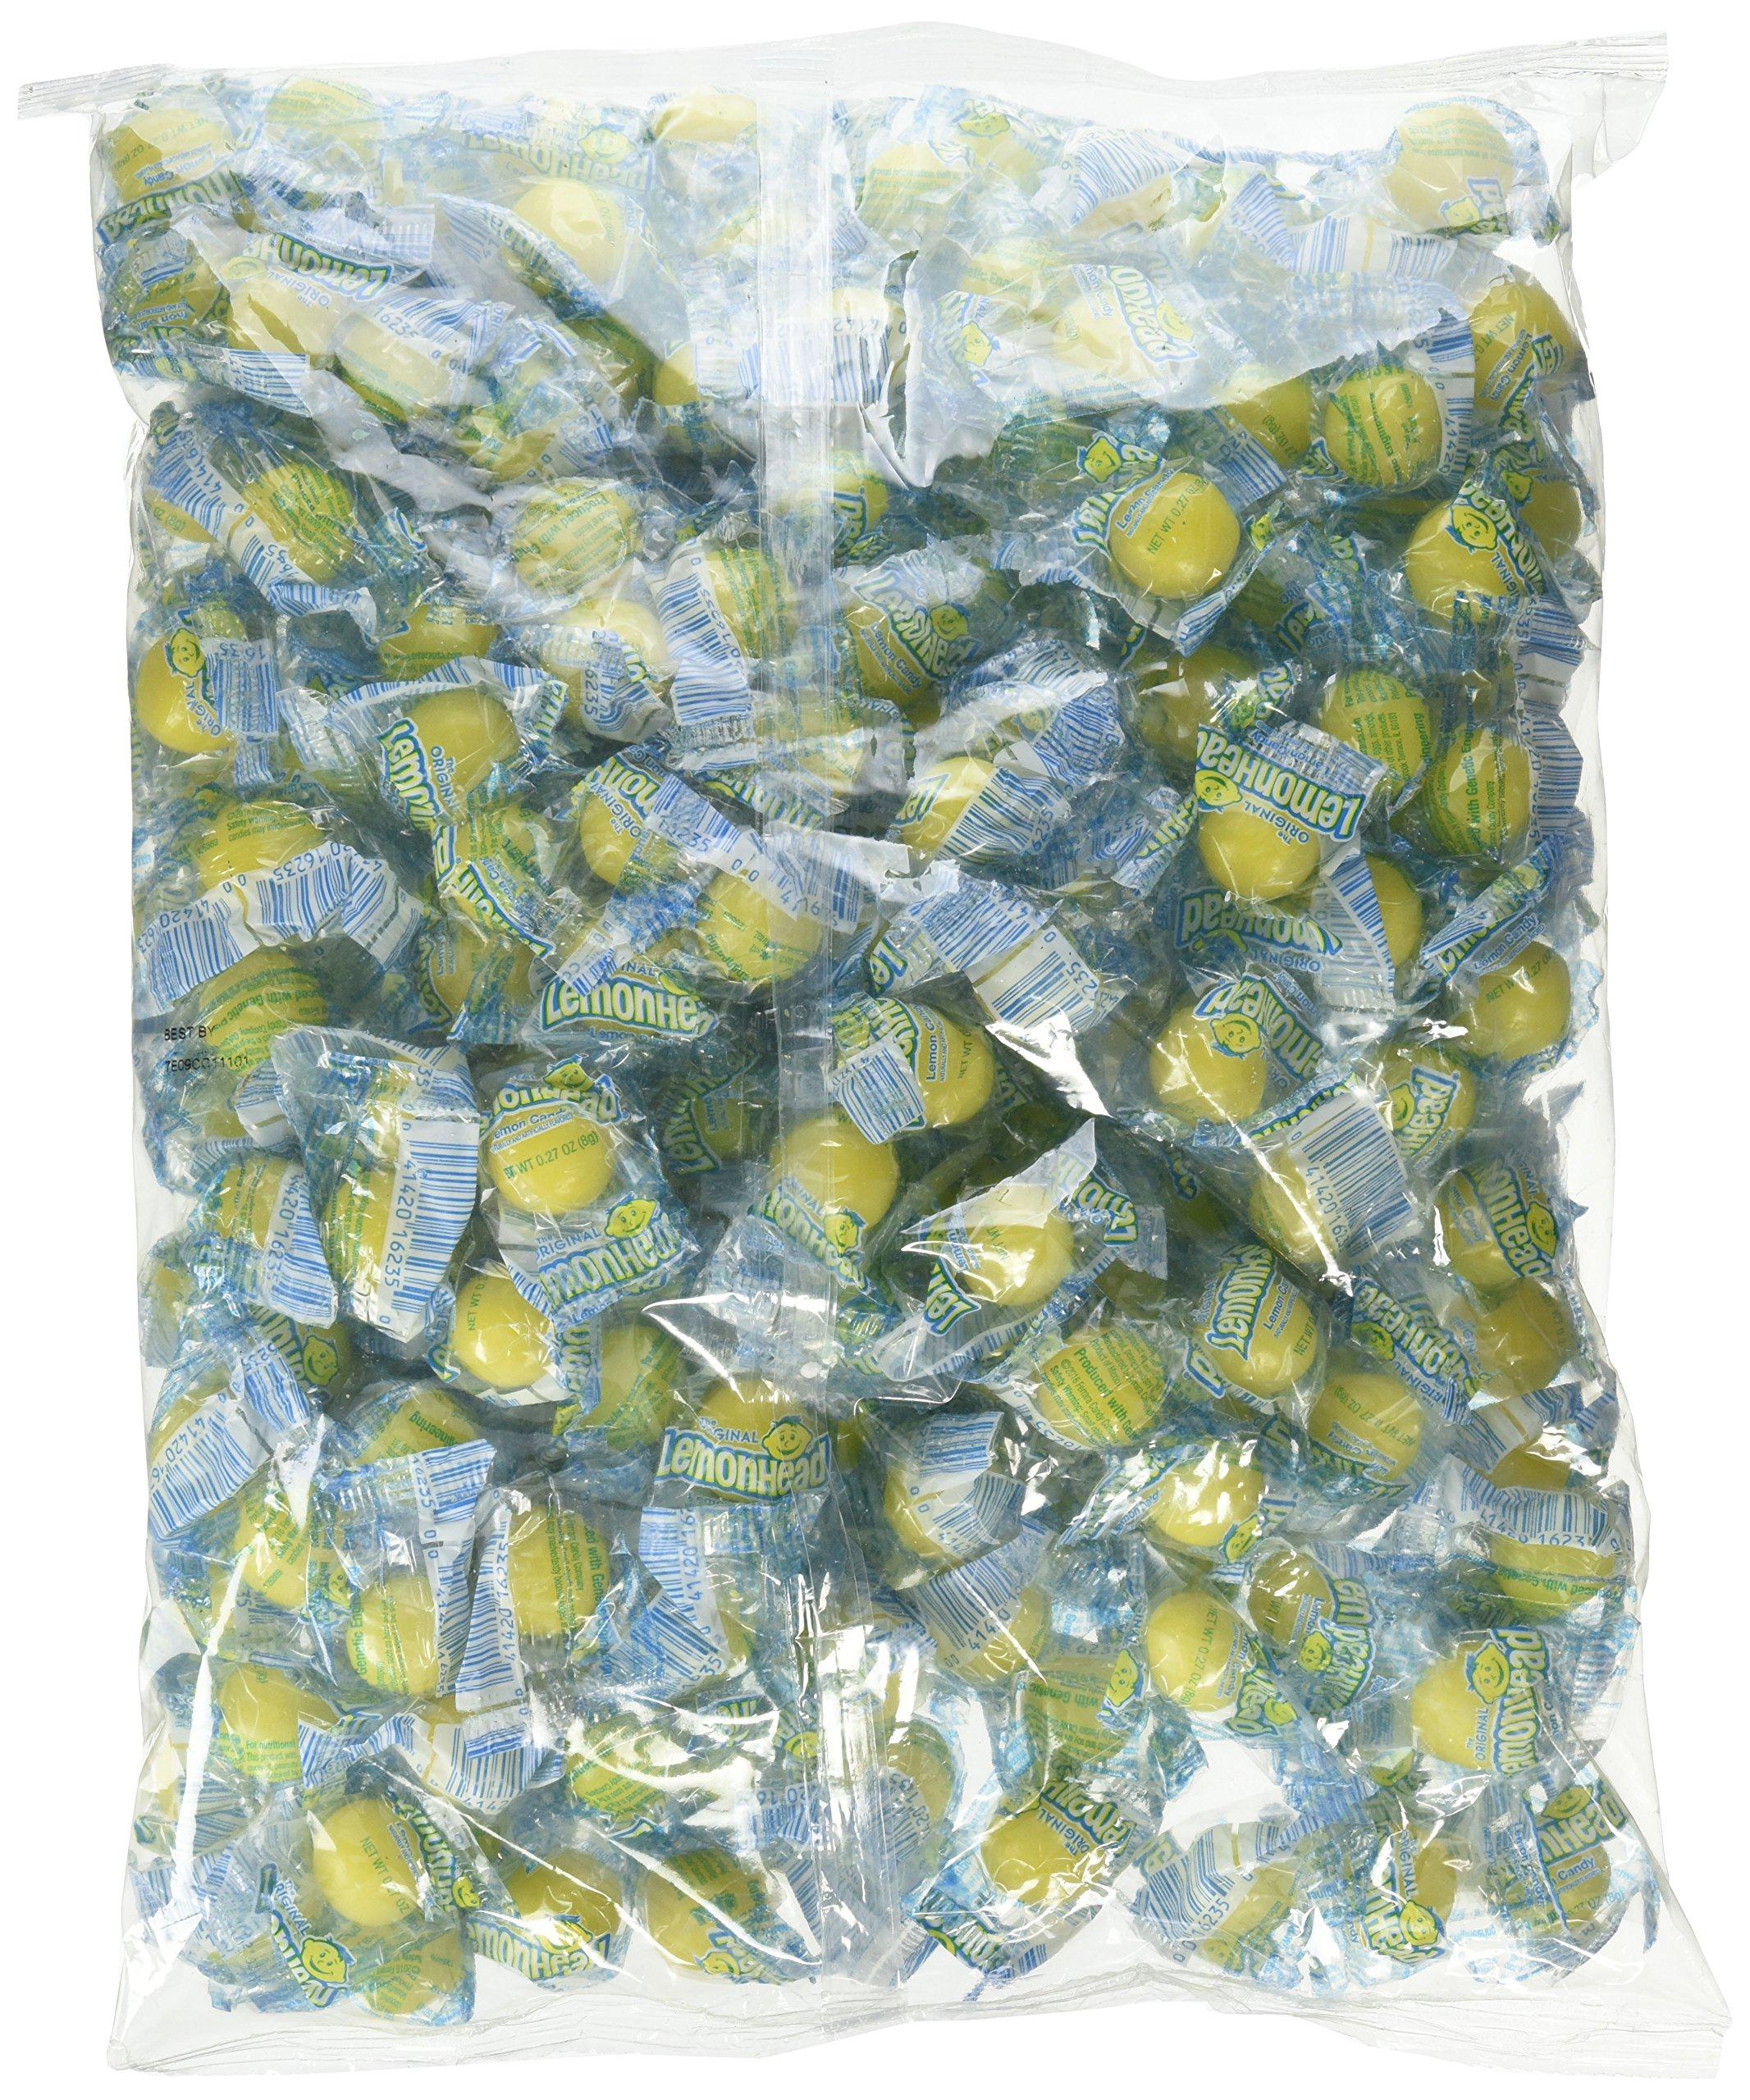 Lemonhead Hard Candy, Lemon, 3.75 Pound Bulk Candy Bag by LEMONHEADS